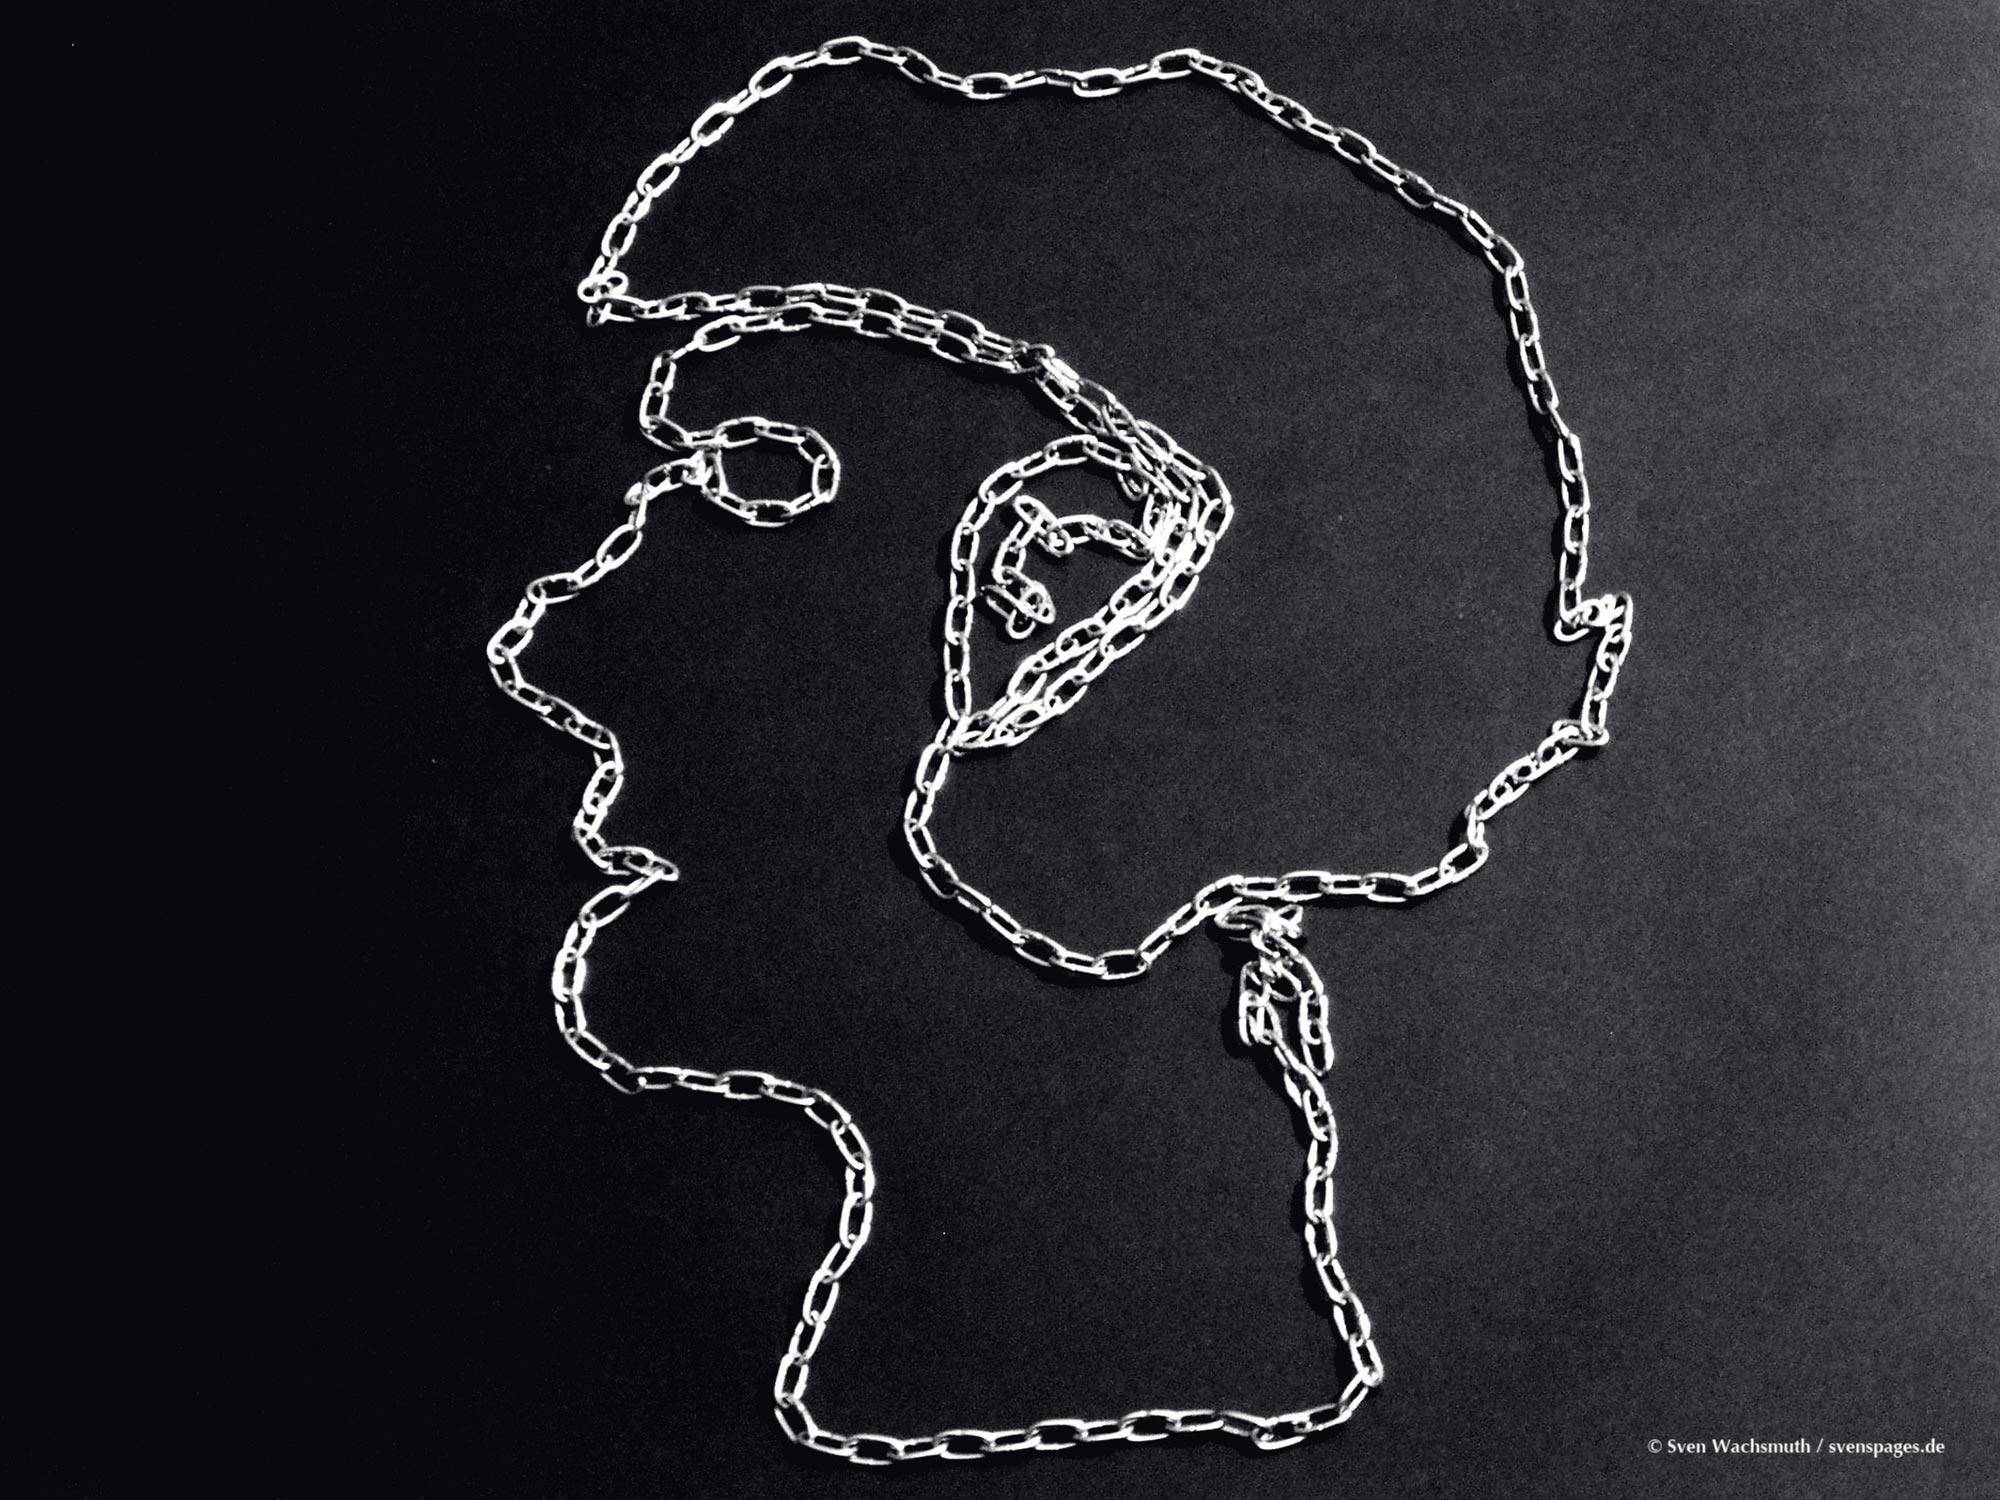 2005-03-12-chains-portrait1